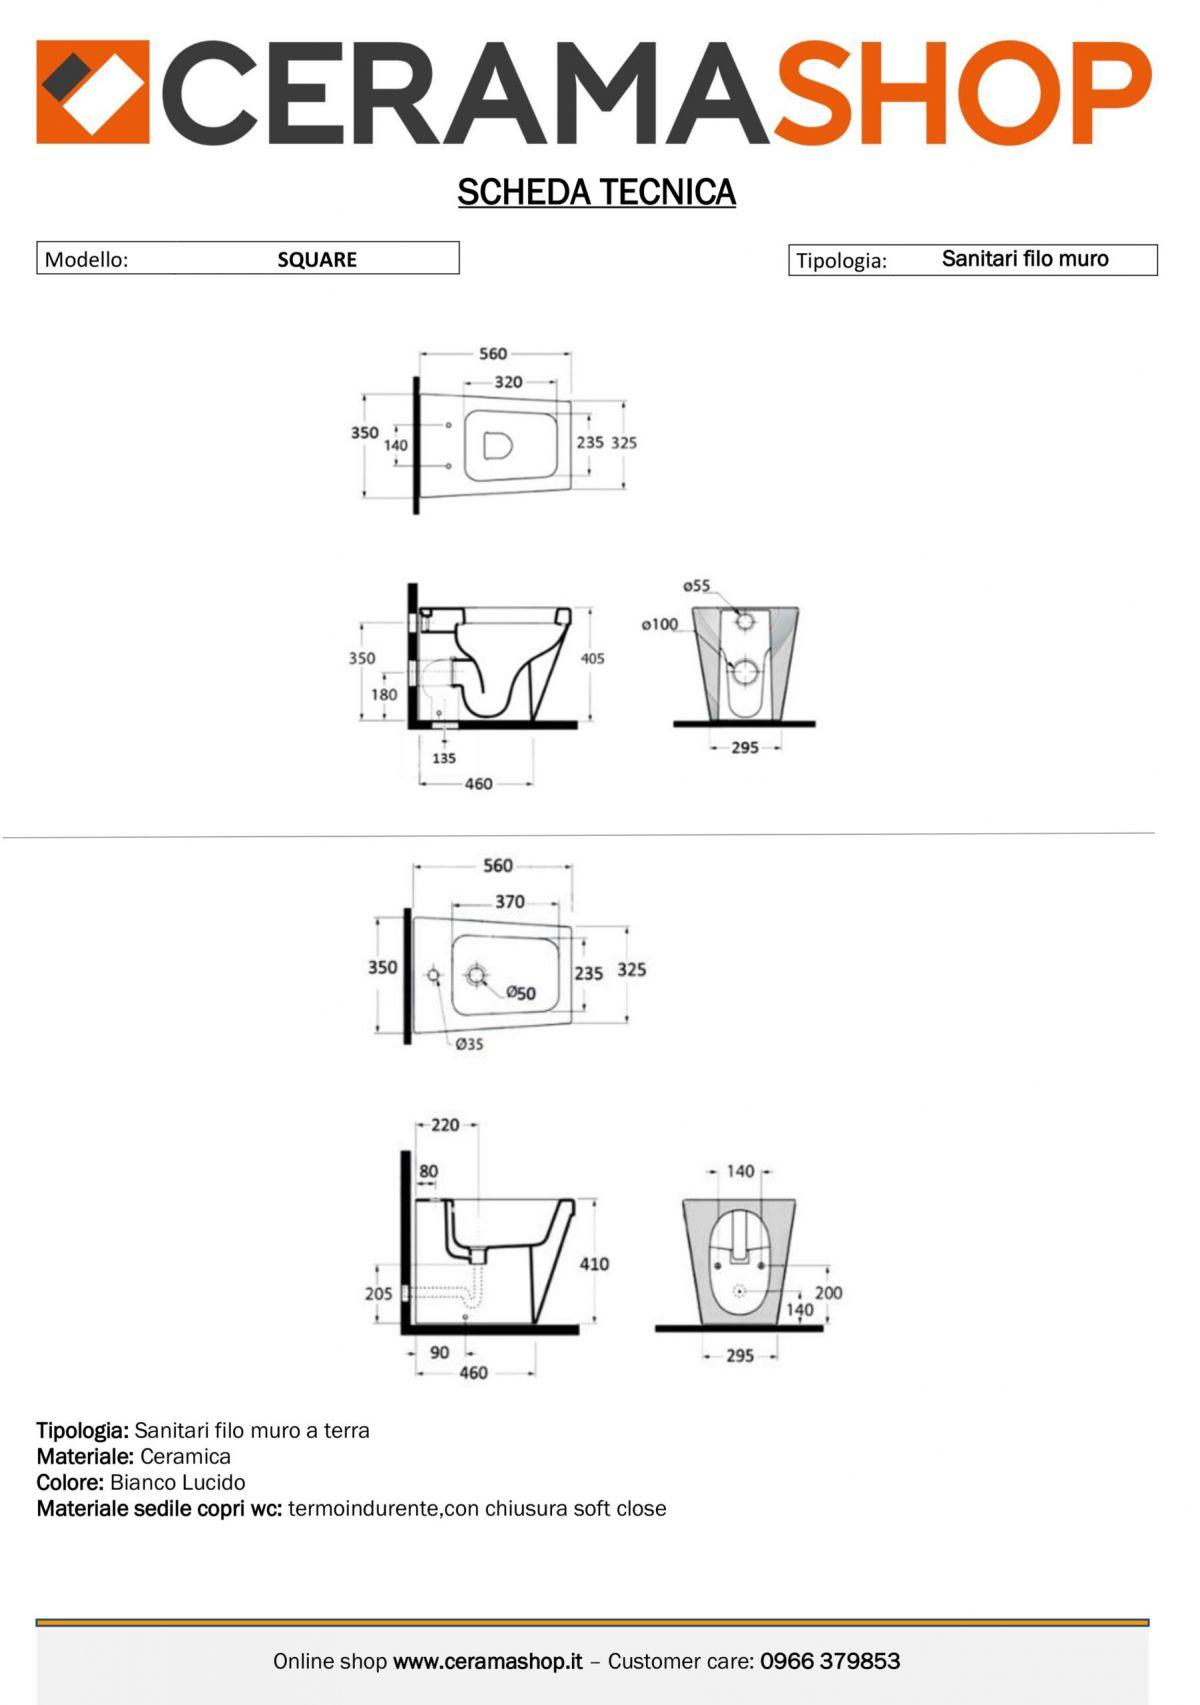 square a terra scaled Sanitari filo muro Square in ceramica Vaso+Bidet+Coprivaso Soft Close